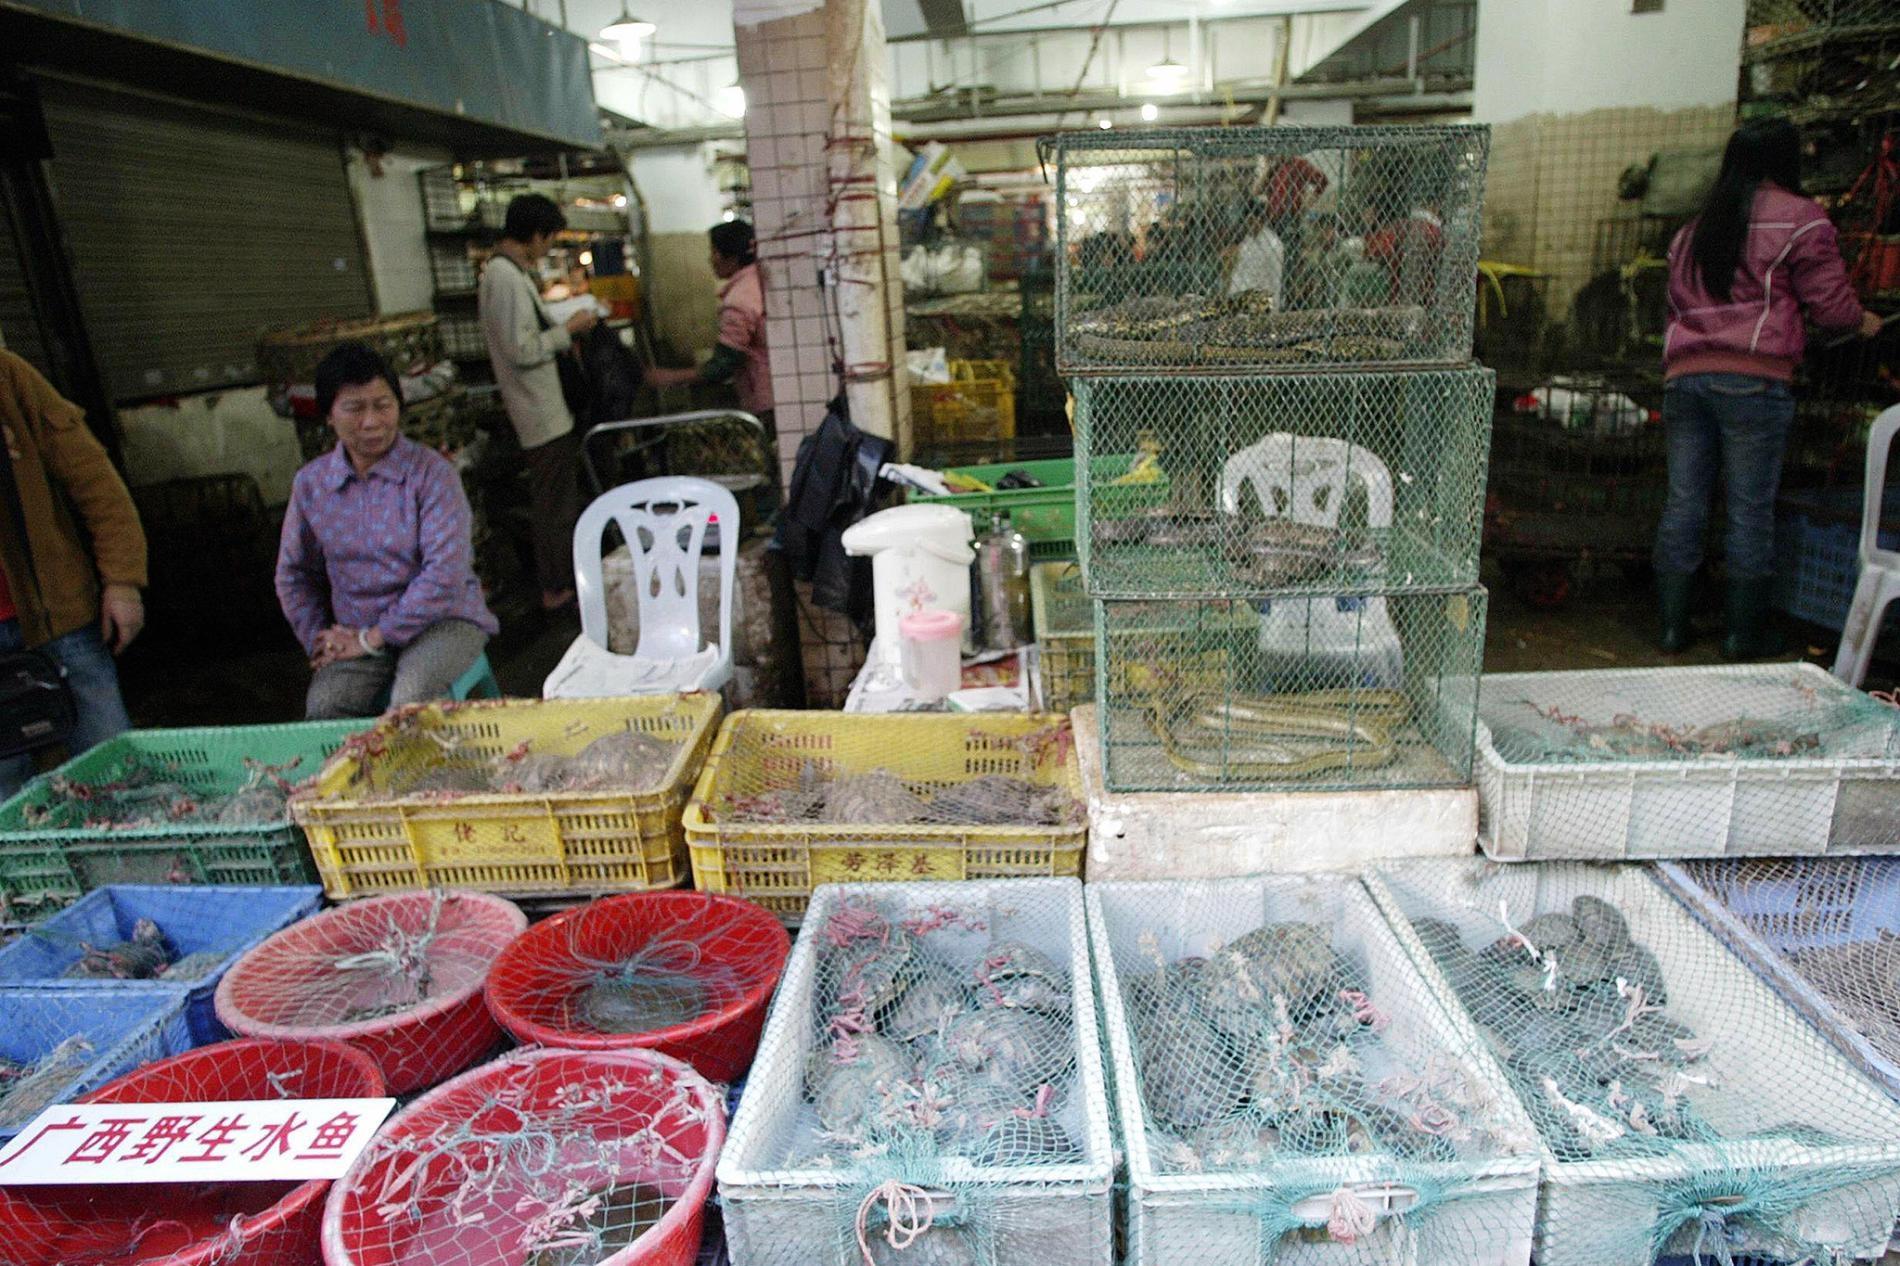 在深圳的一處野生動物市場,攤販展示著出售的活體爬行動物與哺乳動物。中國有54種動物能被合法交易,供人食用。這次冠狀病毒疫情已迫使活體野生動物交易成為國際焦點。PHOTOGRAPH BY AFP, GETTY